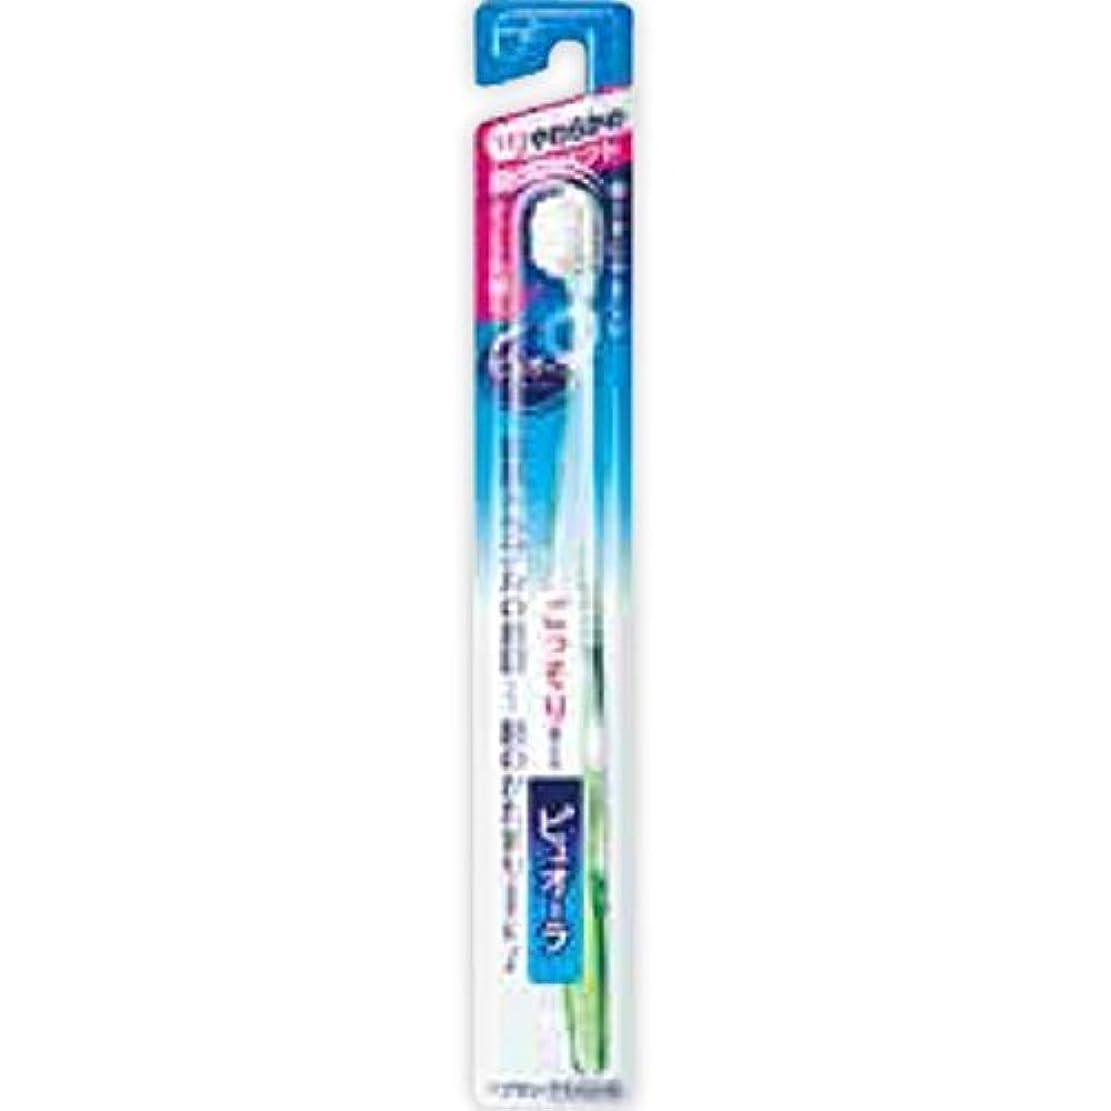 急性クリープ良さ【花王】ピュオーラ 歯ブラシ超コンパクト やわらかめ (1本) ×10個セット